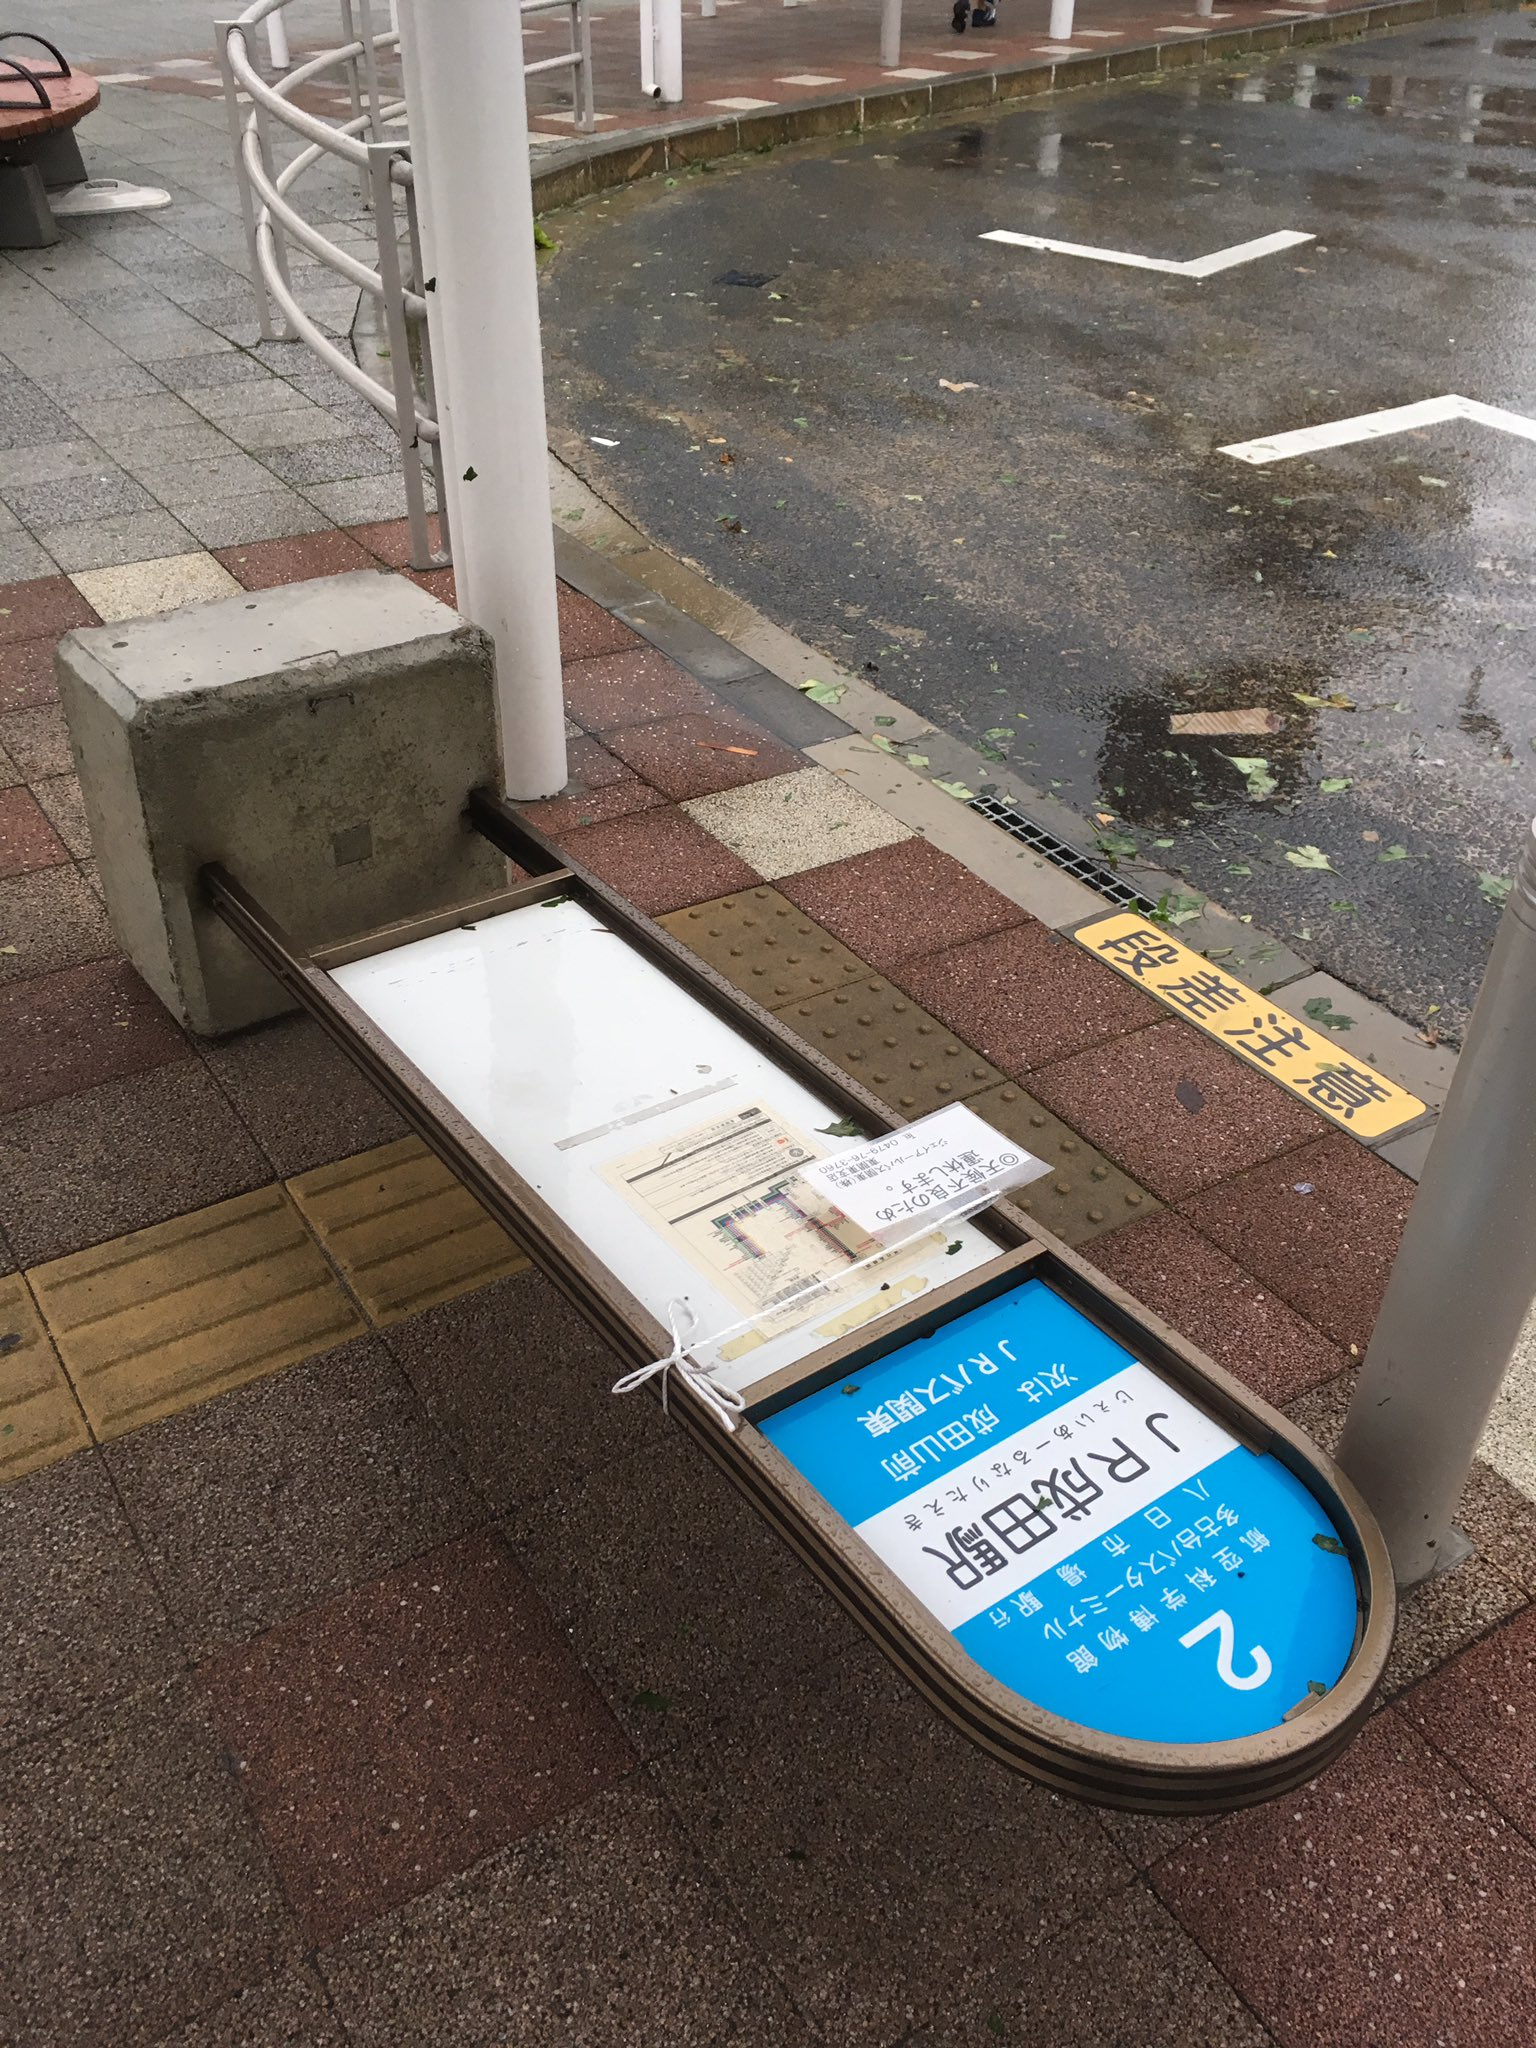 画像,千葉県内台風の影響2019年9月9日(月)7時#台風 https://t.co/w1ISgZe7Rs。